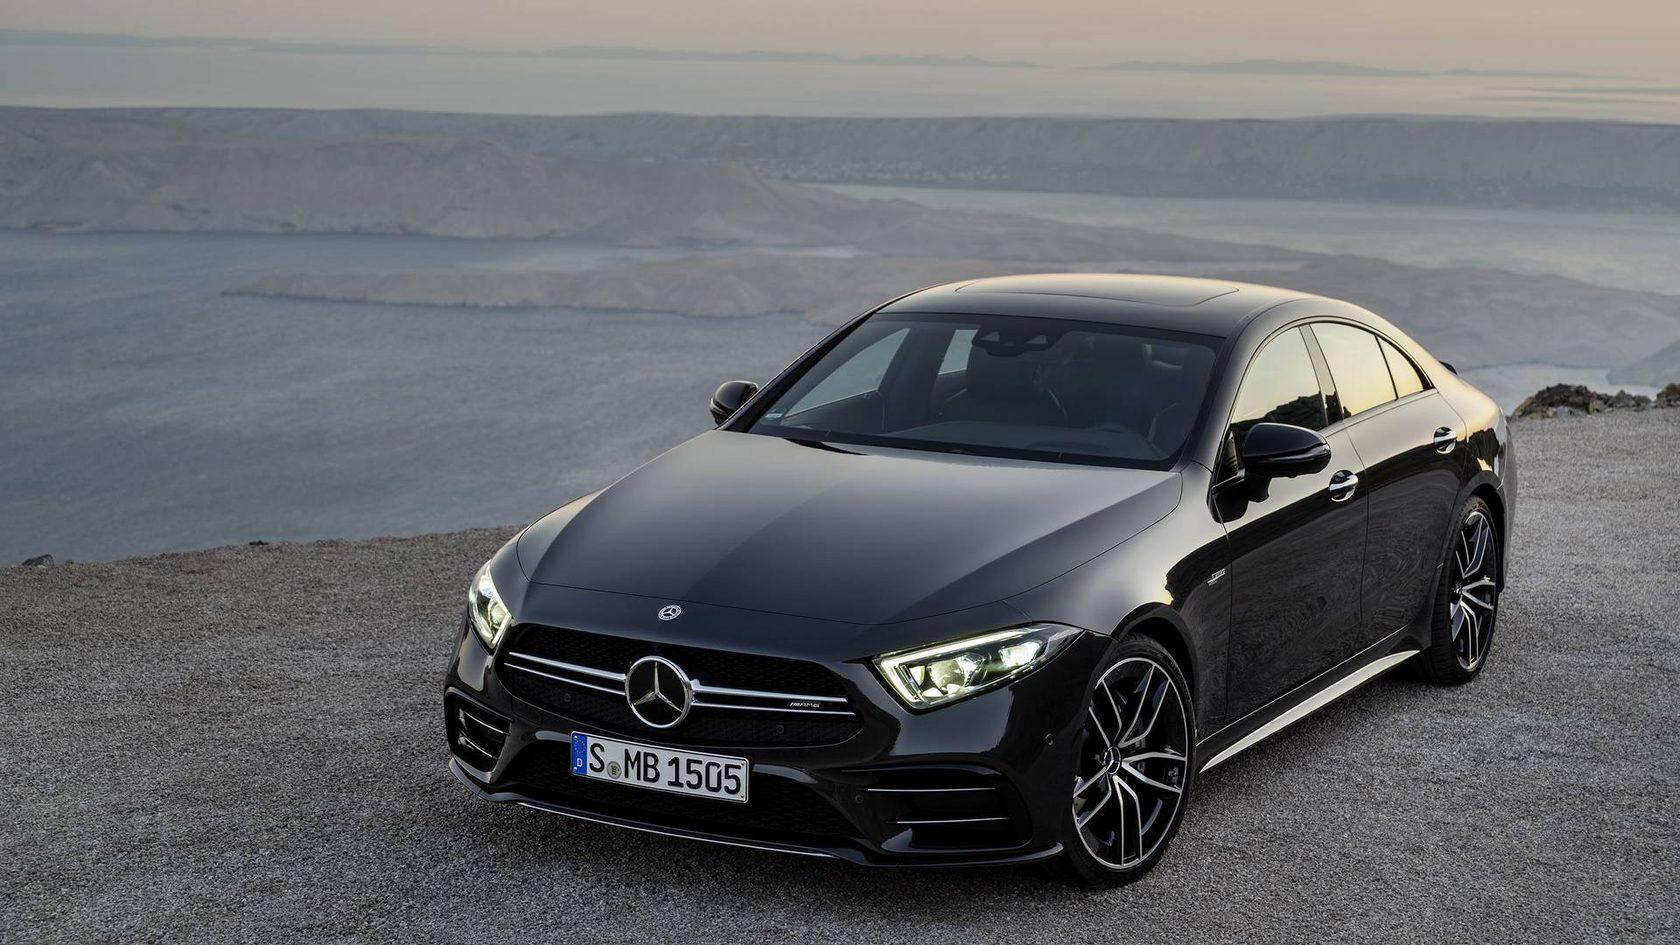 А это Mercedes AMG CLS. Достаточно тяжело отличить неподготовленному человеку.